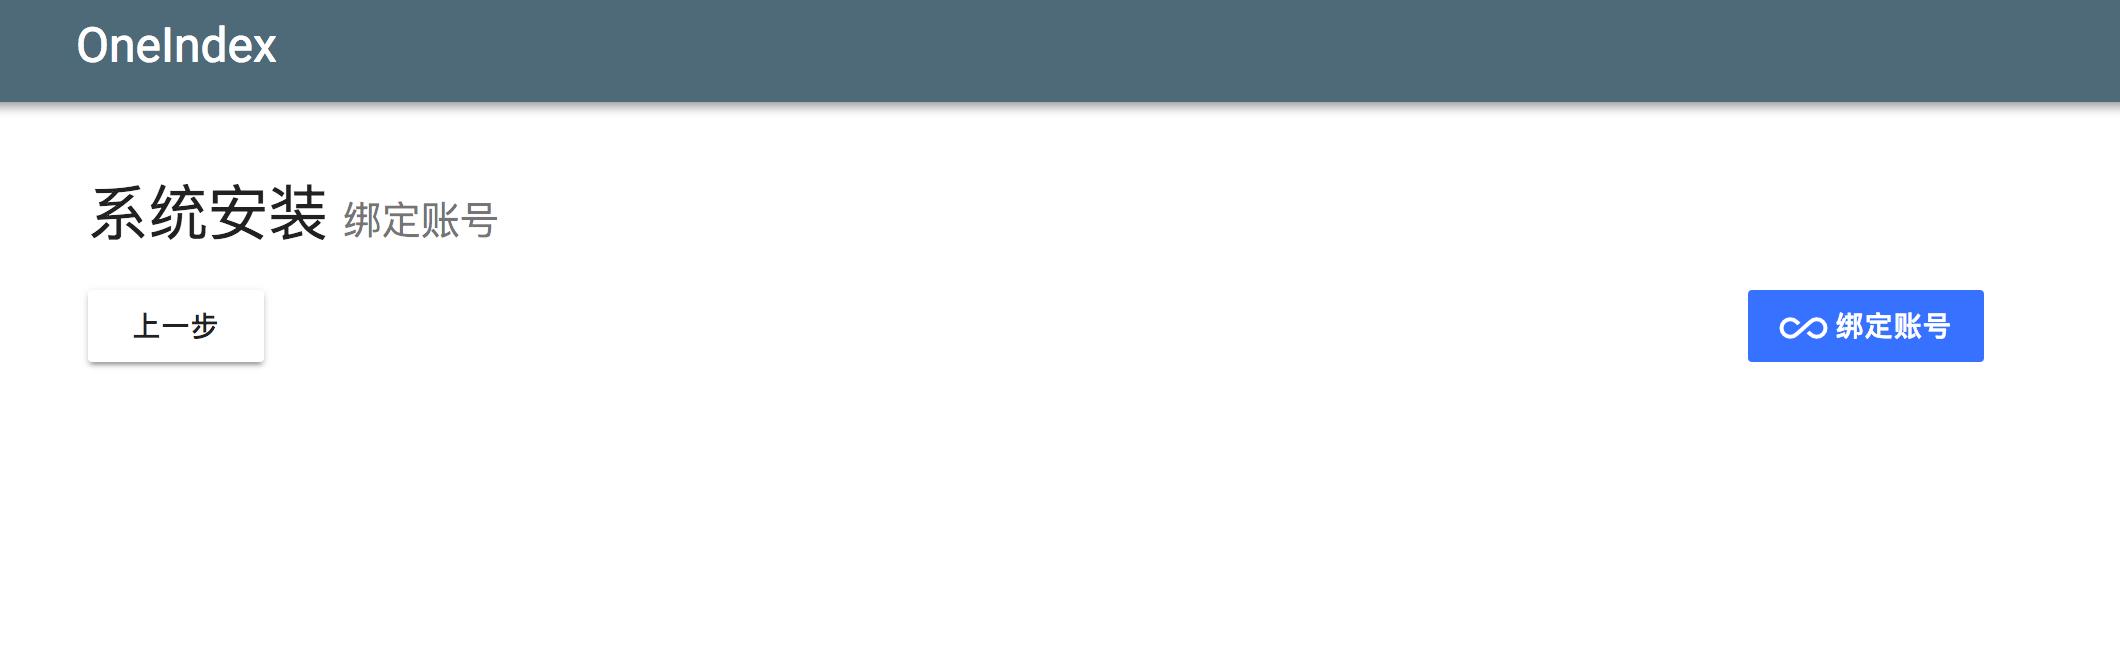 《OneIndex-搭建私人网盘分享页》